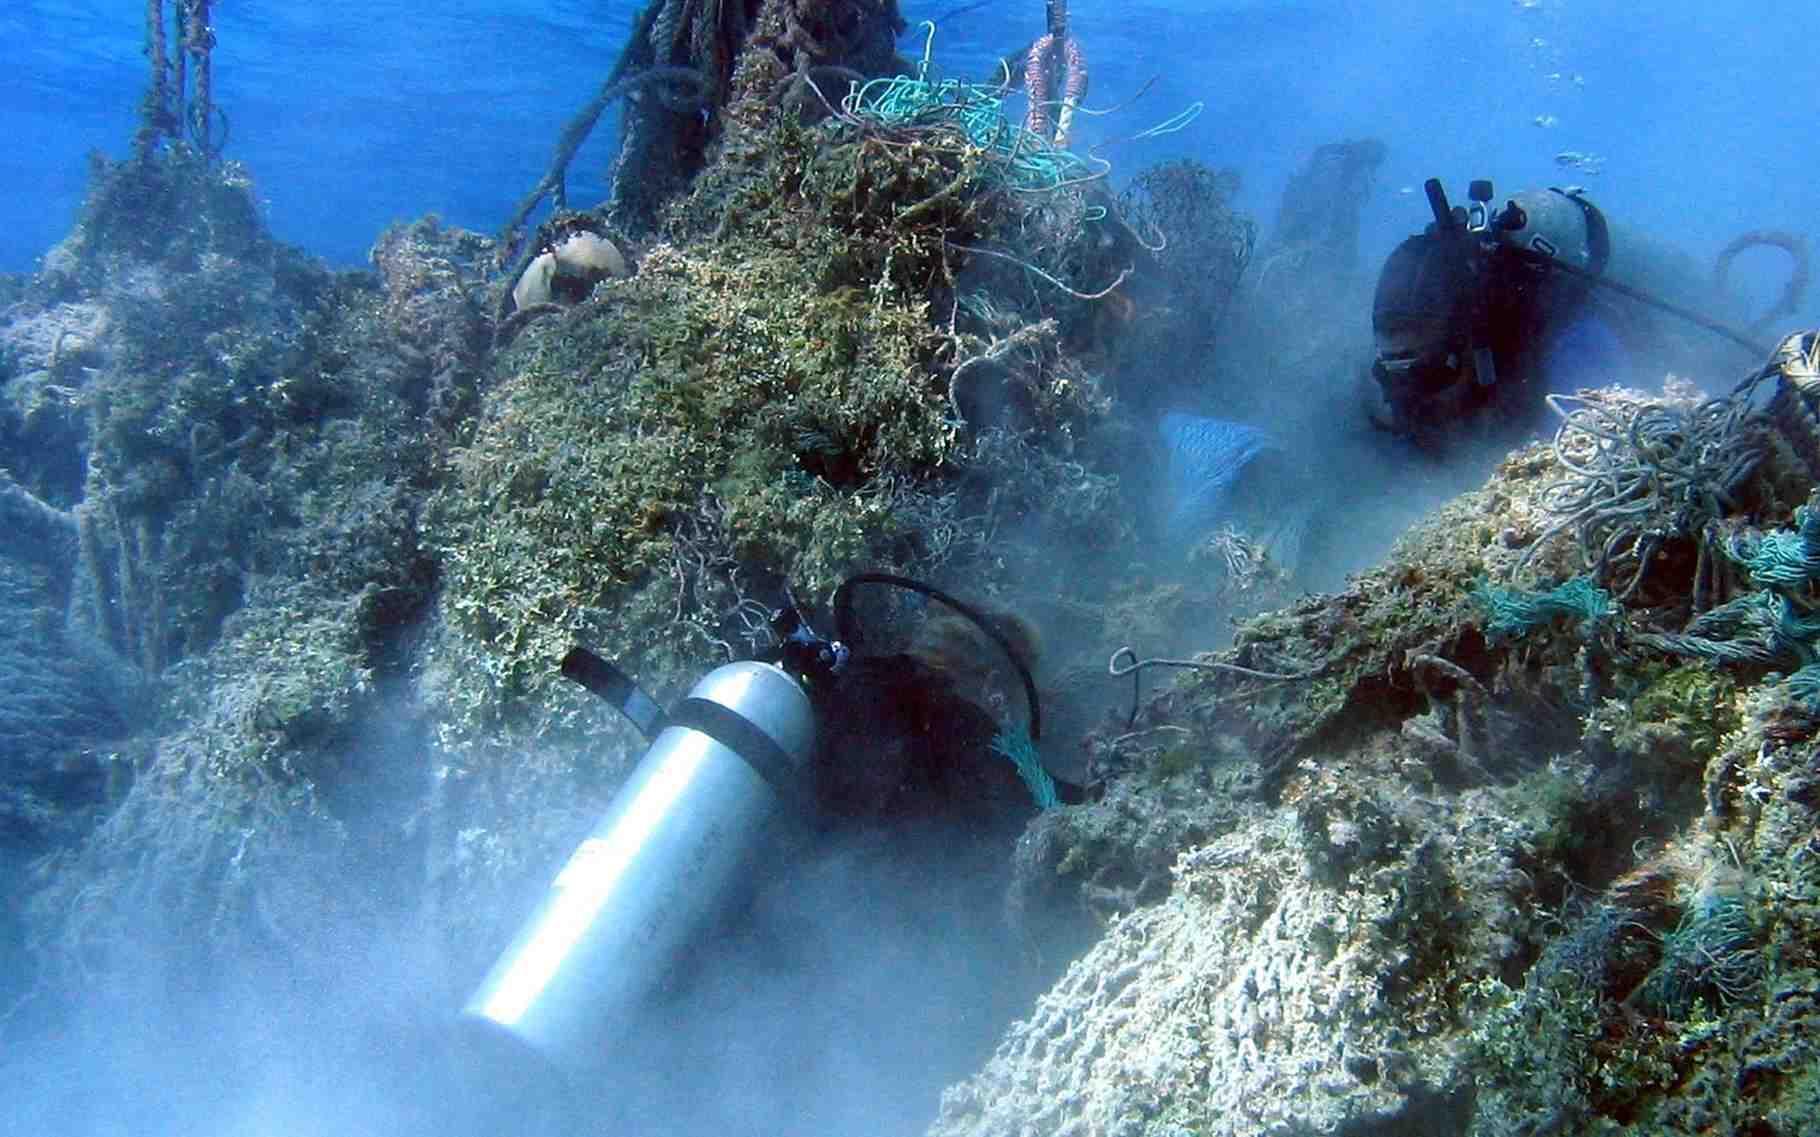 Quelles sont les causes de la pollution marine ?